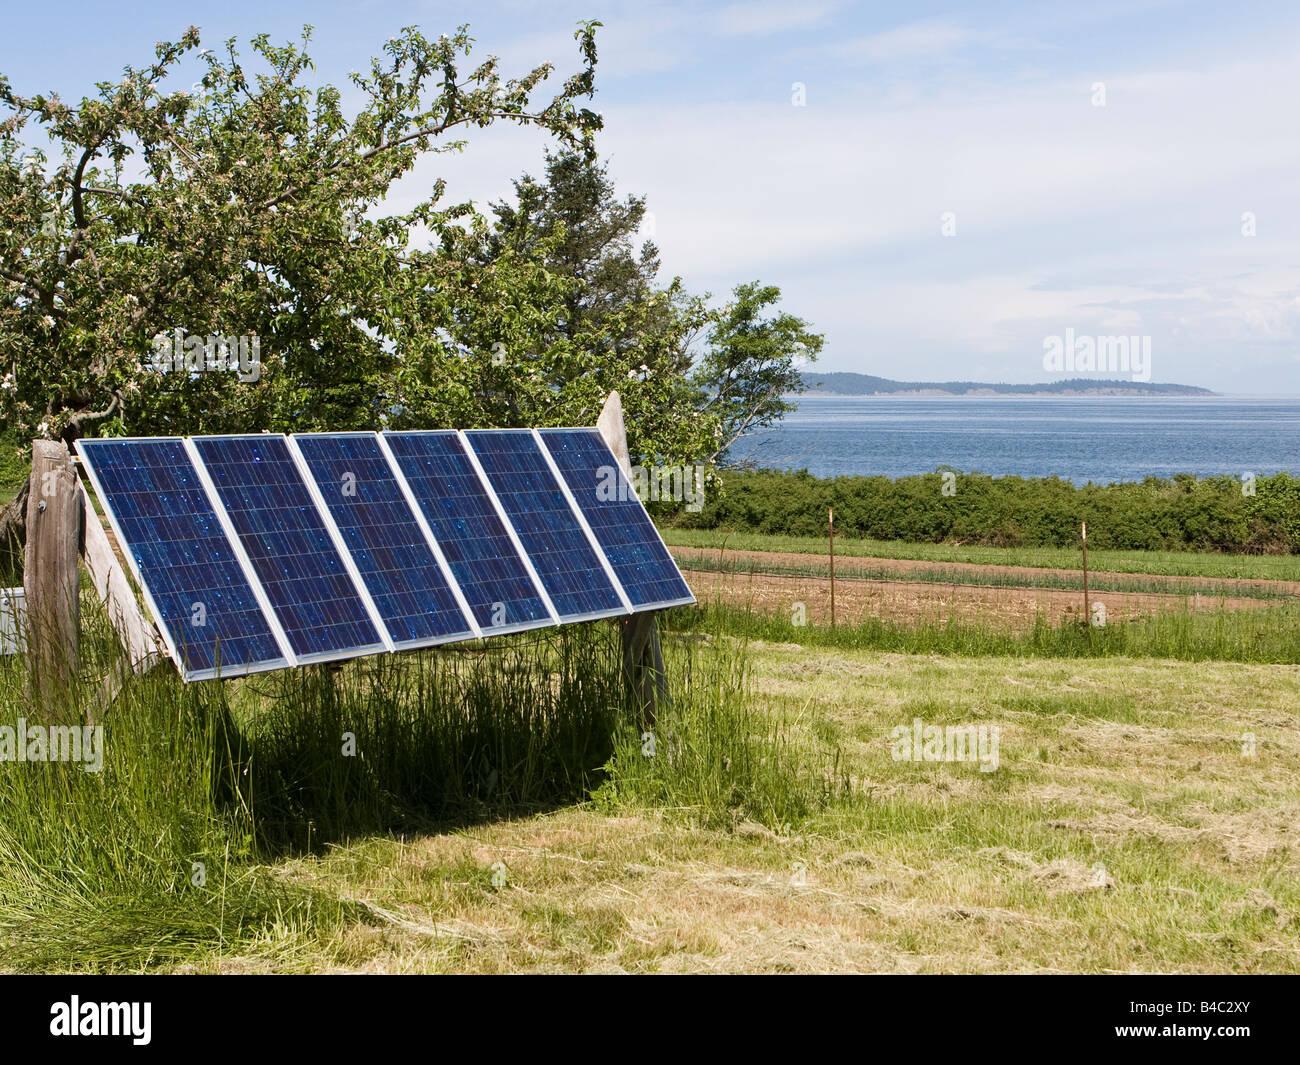 Un insieme di pannelli solari si trova su un isola di fornire una fonte di energia rinnovabile. Immagini Stock